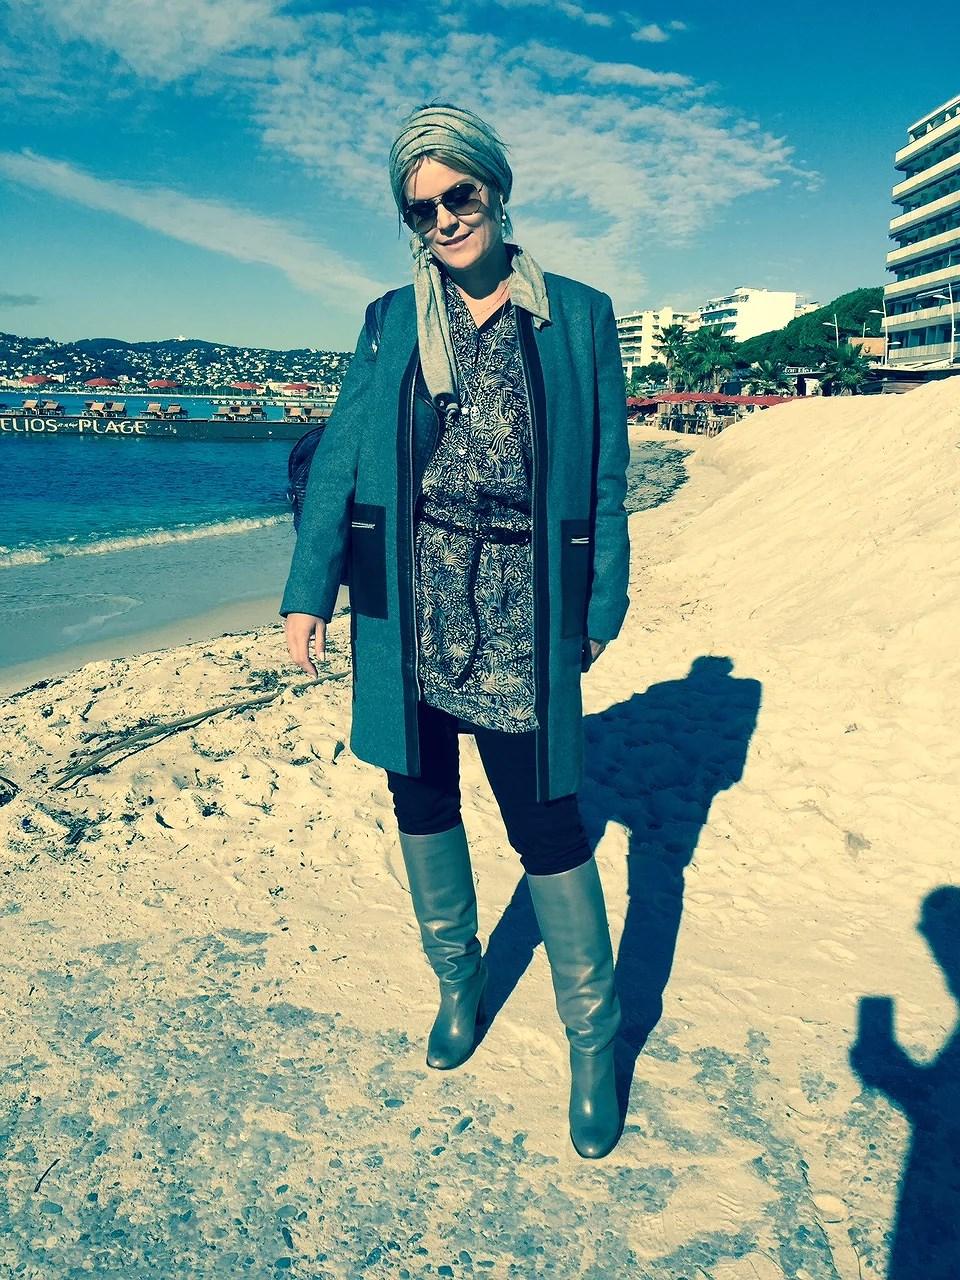 På stranden i lang jakke støvler, hårbånd.... det passer vist ikke helt sammen...., eller hvad??